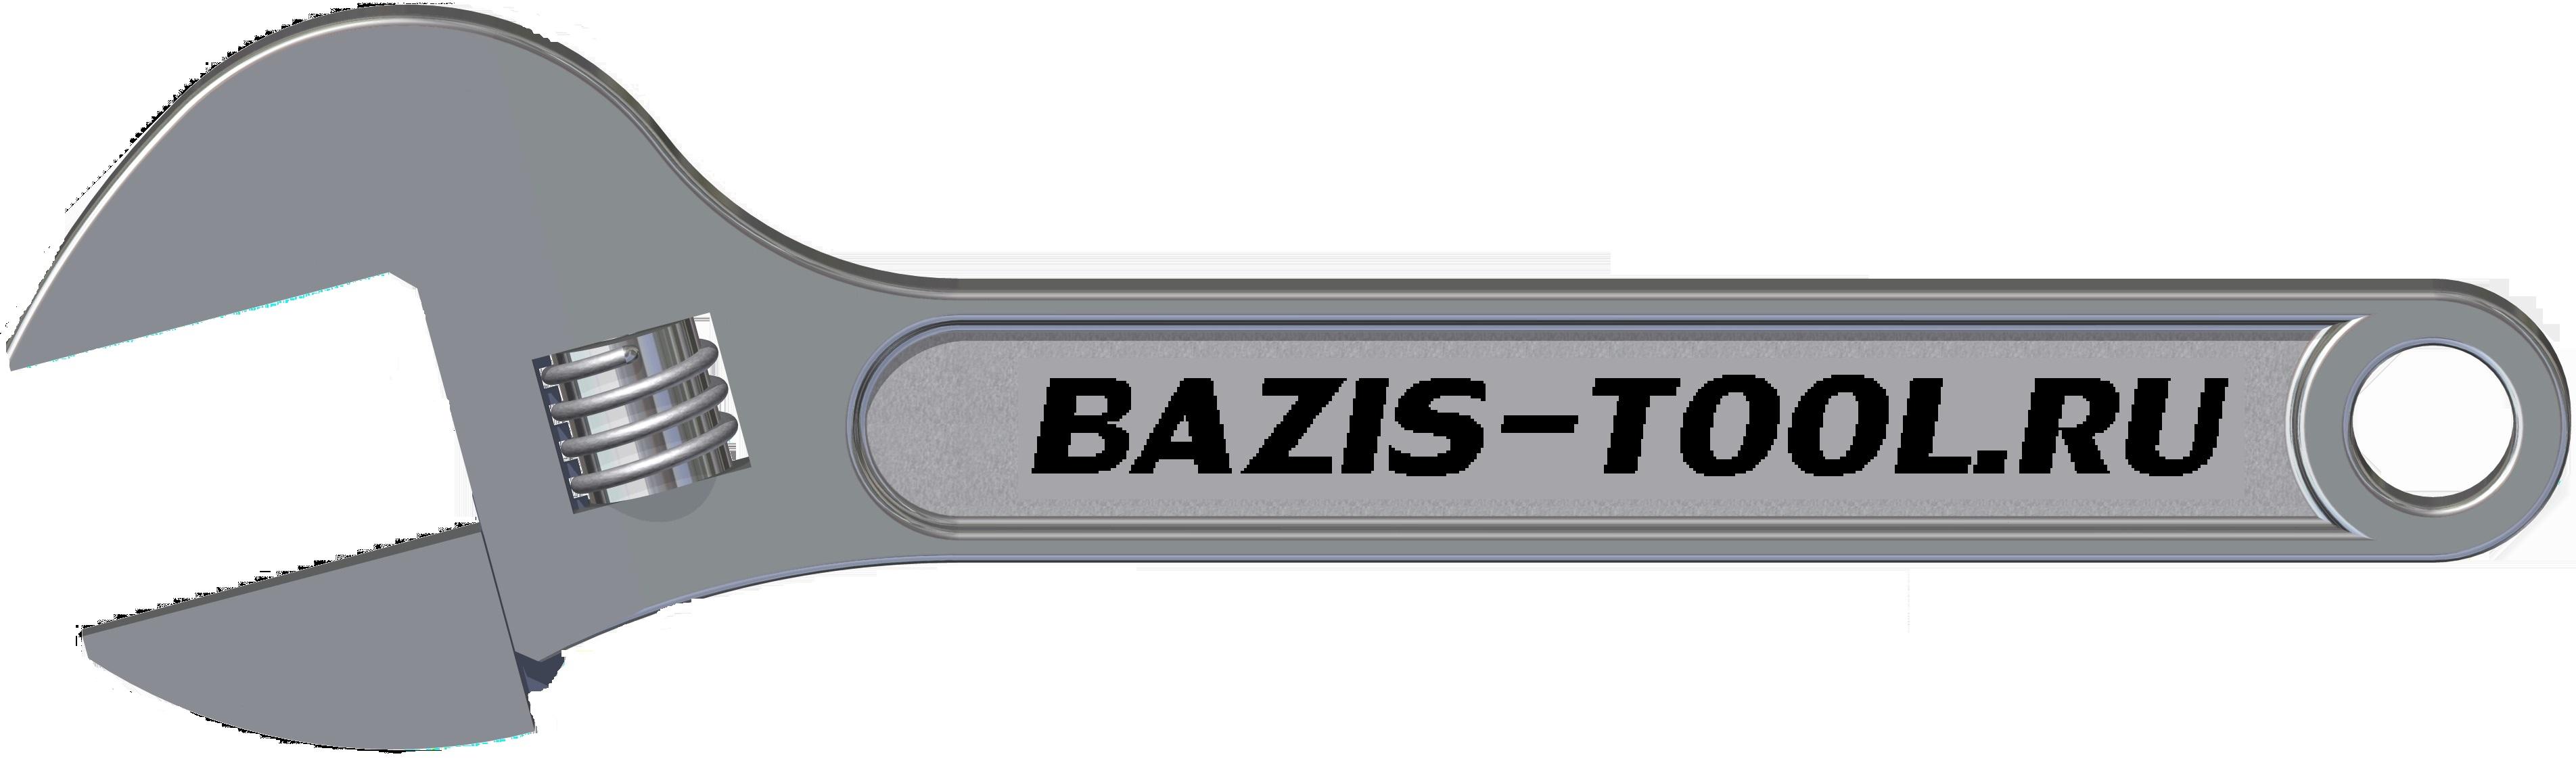 Компания БАЗИС - Интернет-магазин bazis-tool.ru